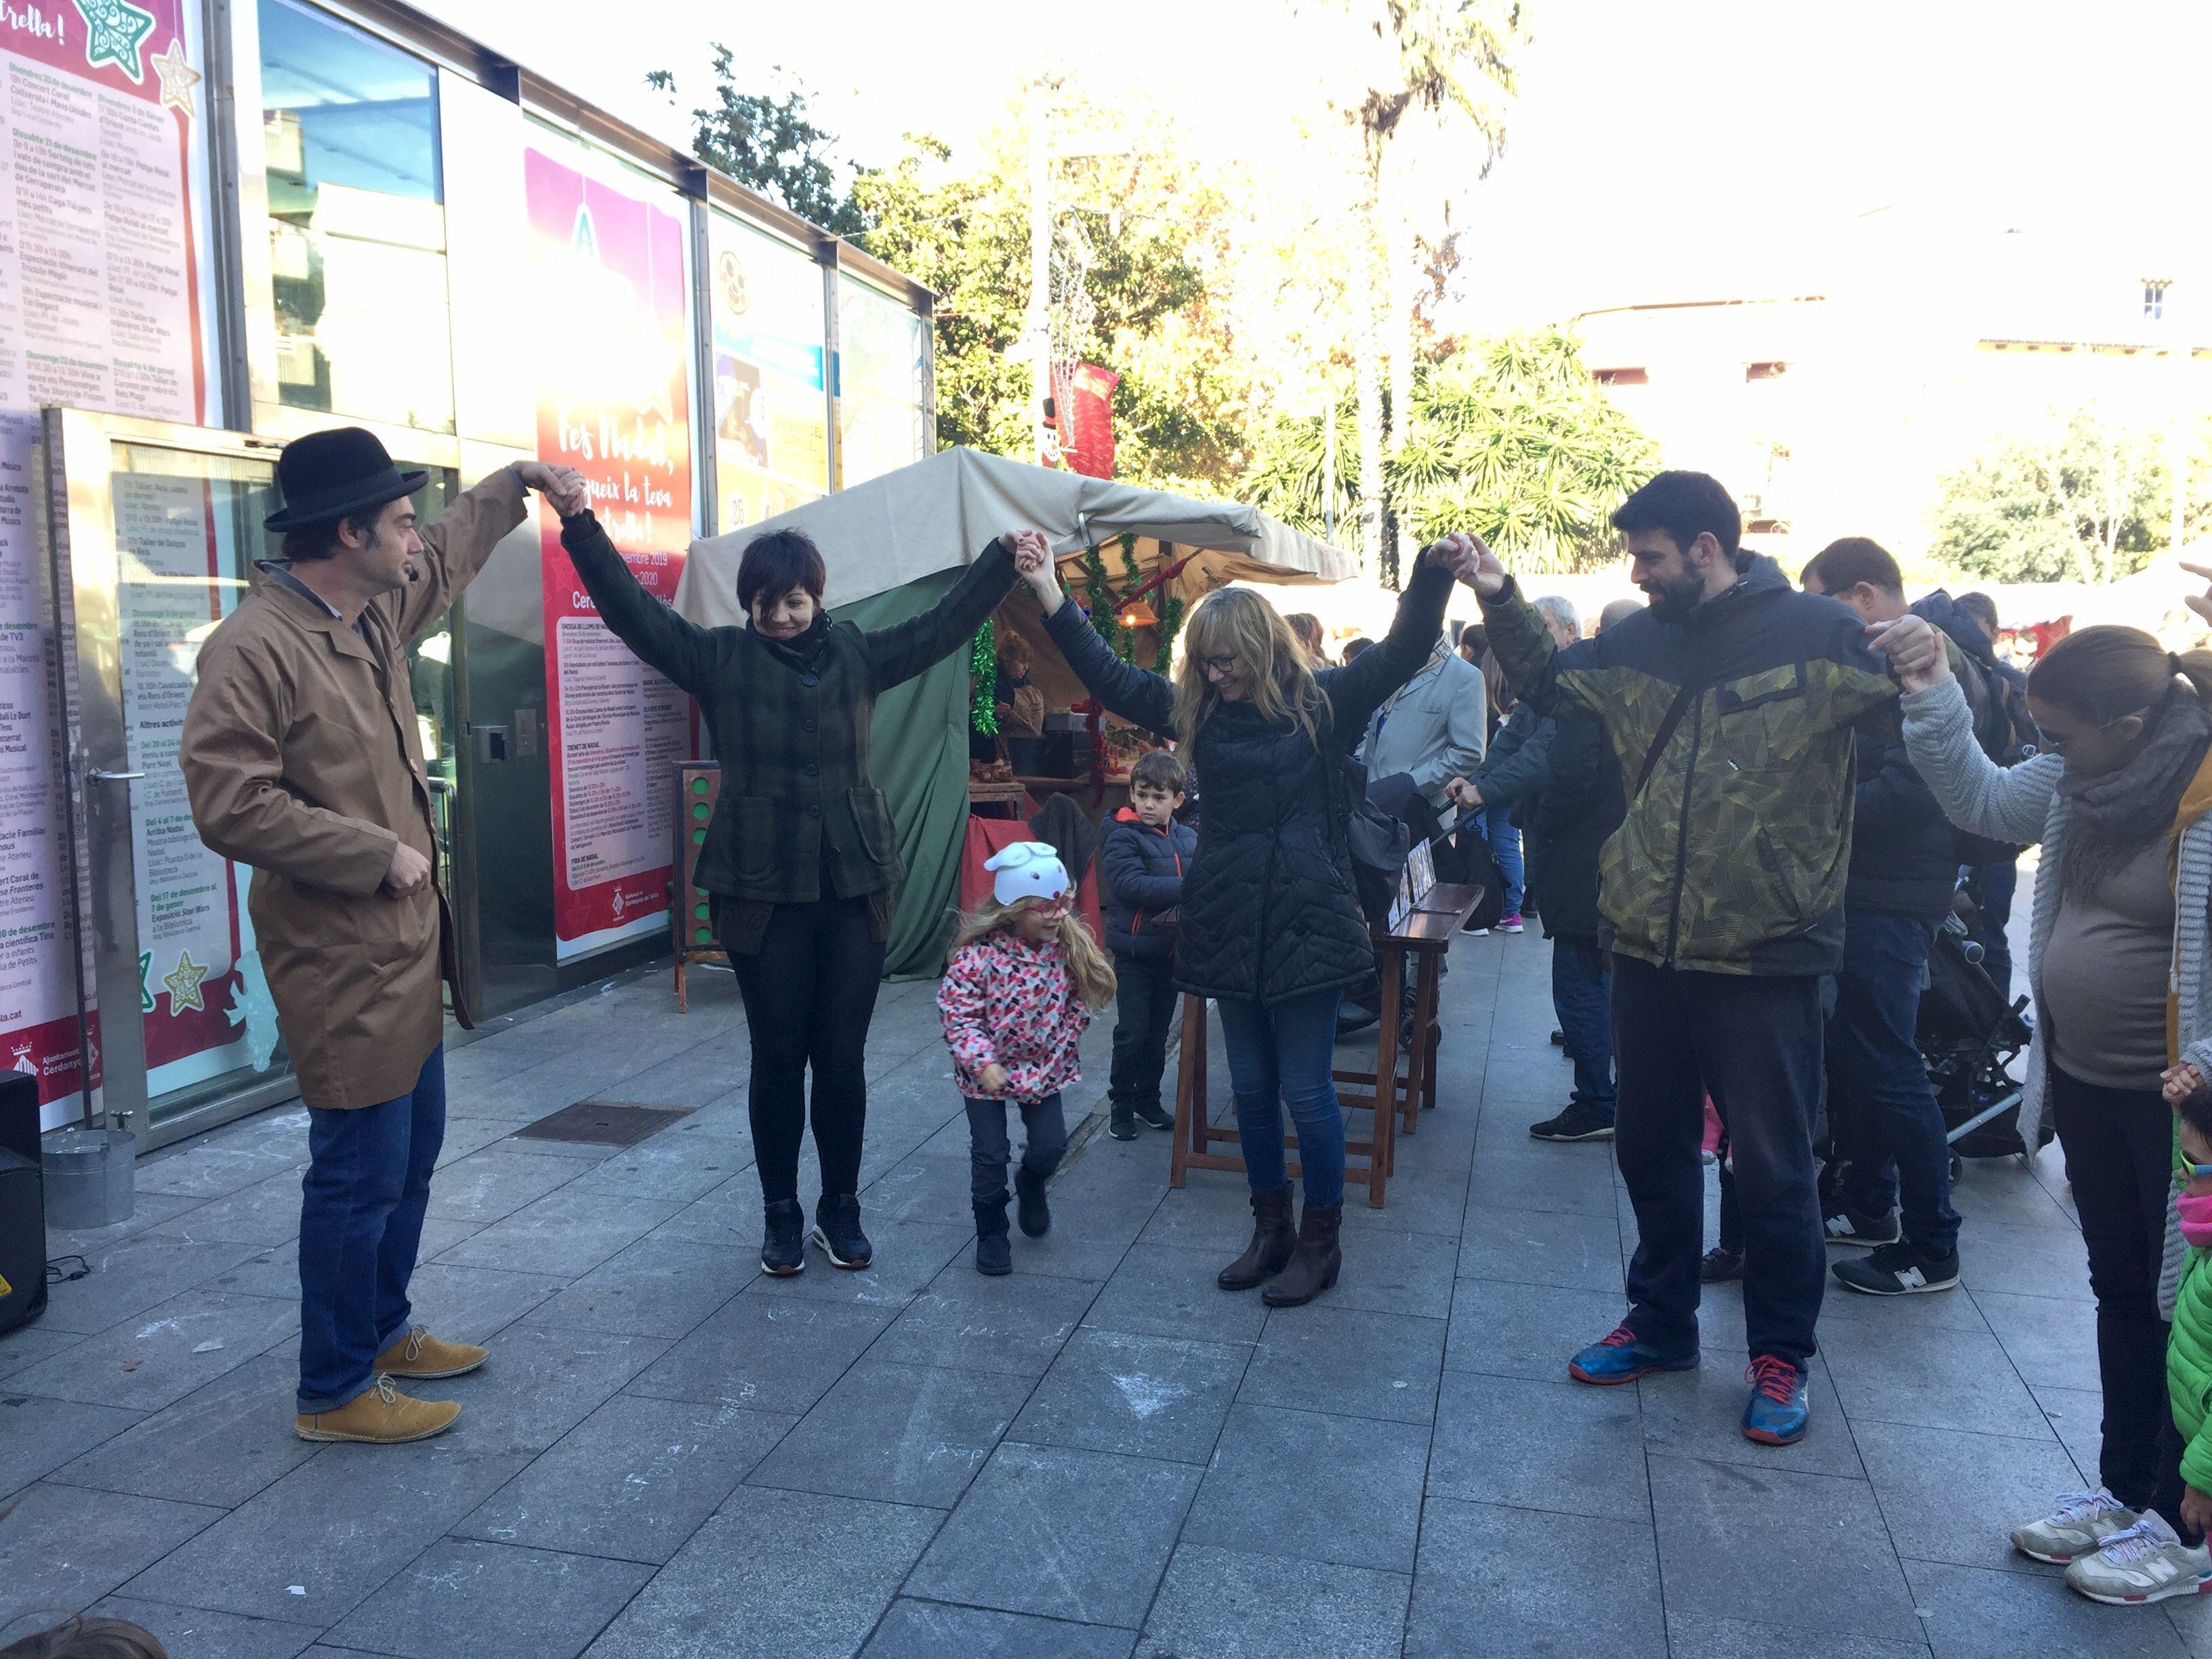 Comencen les activitats nadalenques a la ciutat